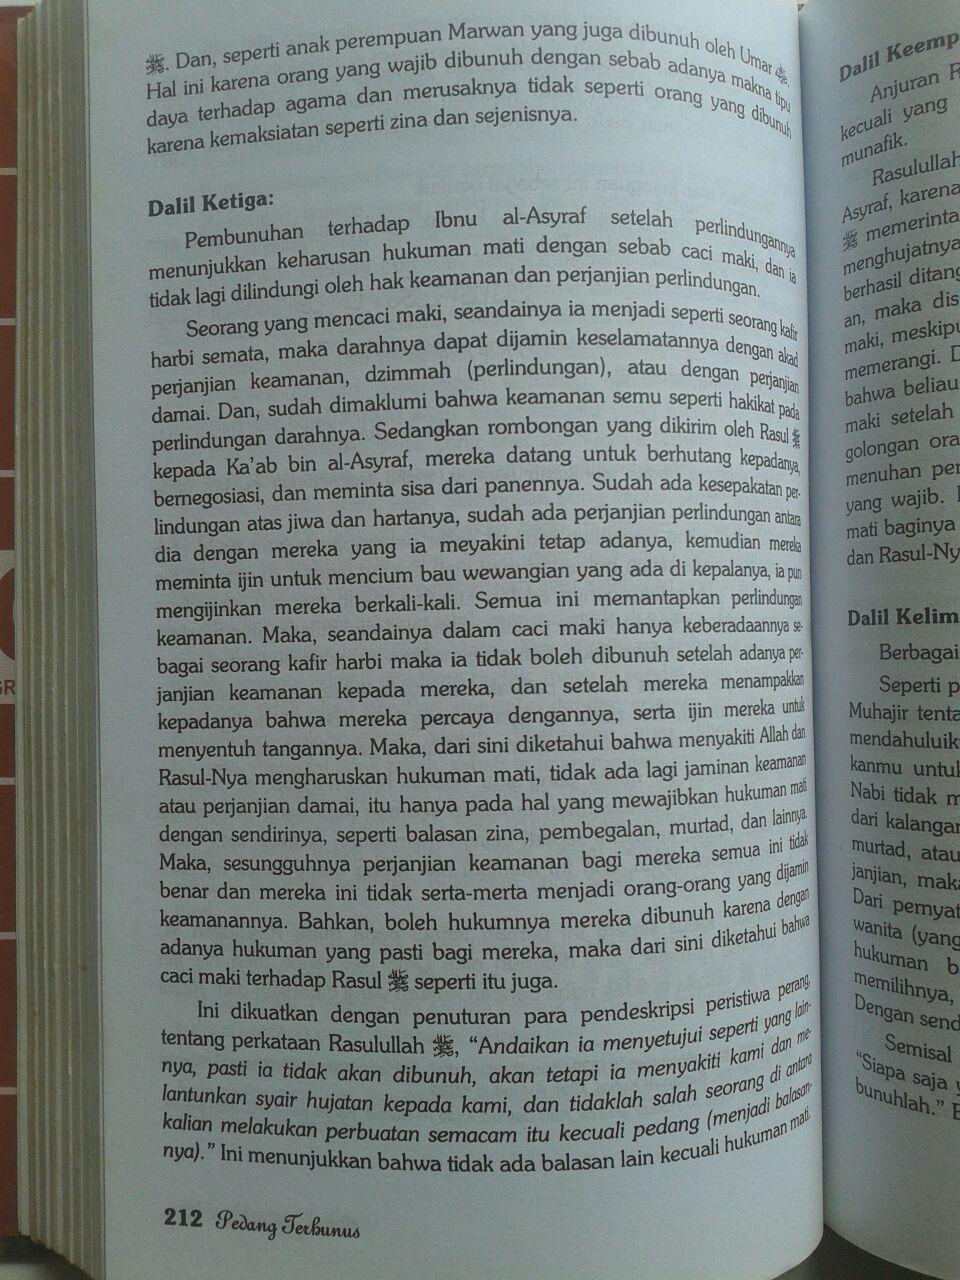 Buku Pedang Terhunus Hukuman Mati Bagi Pencaci Maki Nabi 85.000 20% 68.000 Griya Ilmu Syaikhul Islam Ibnu Taimiyyah isi